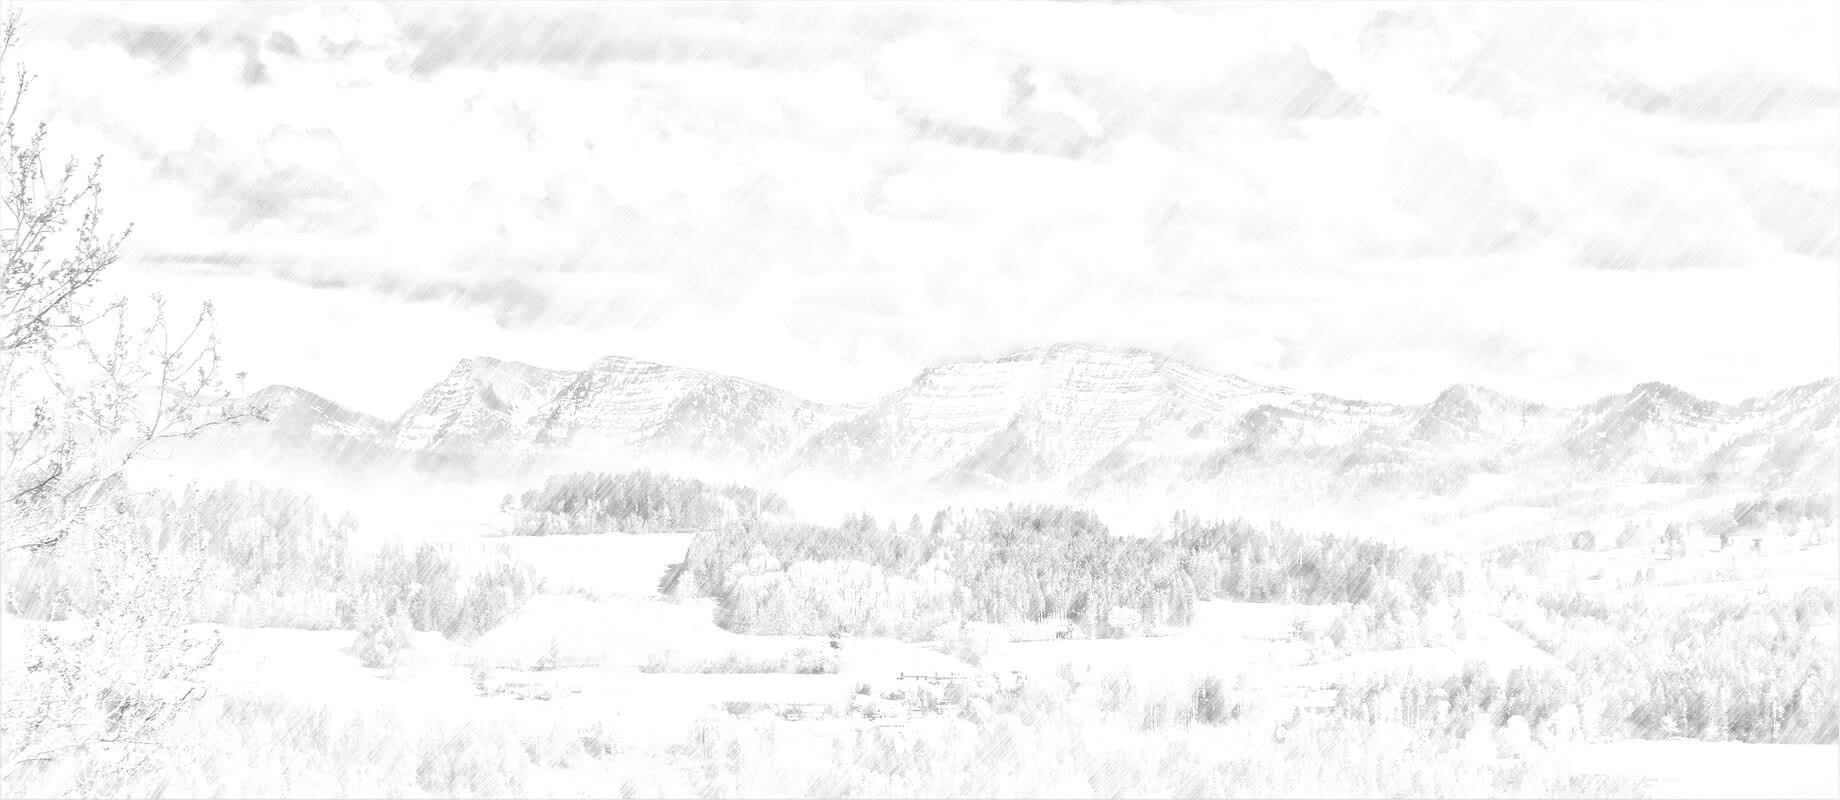 Hochgrat Panorama.jpg